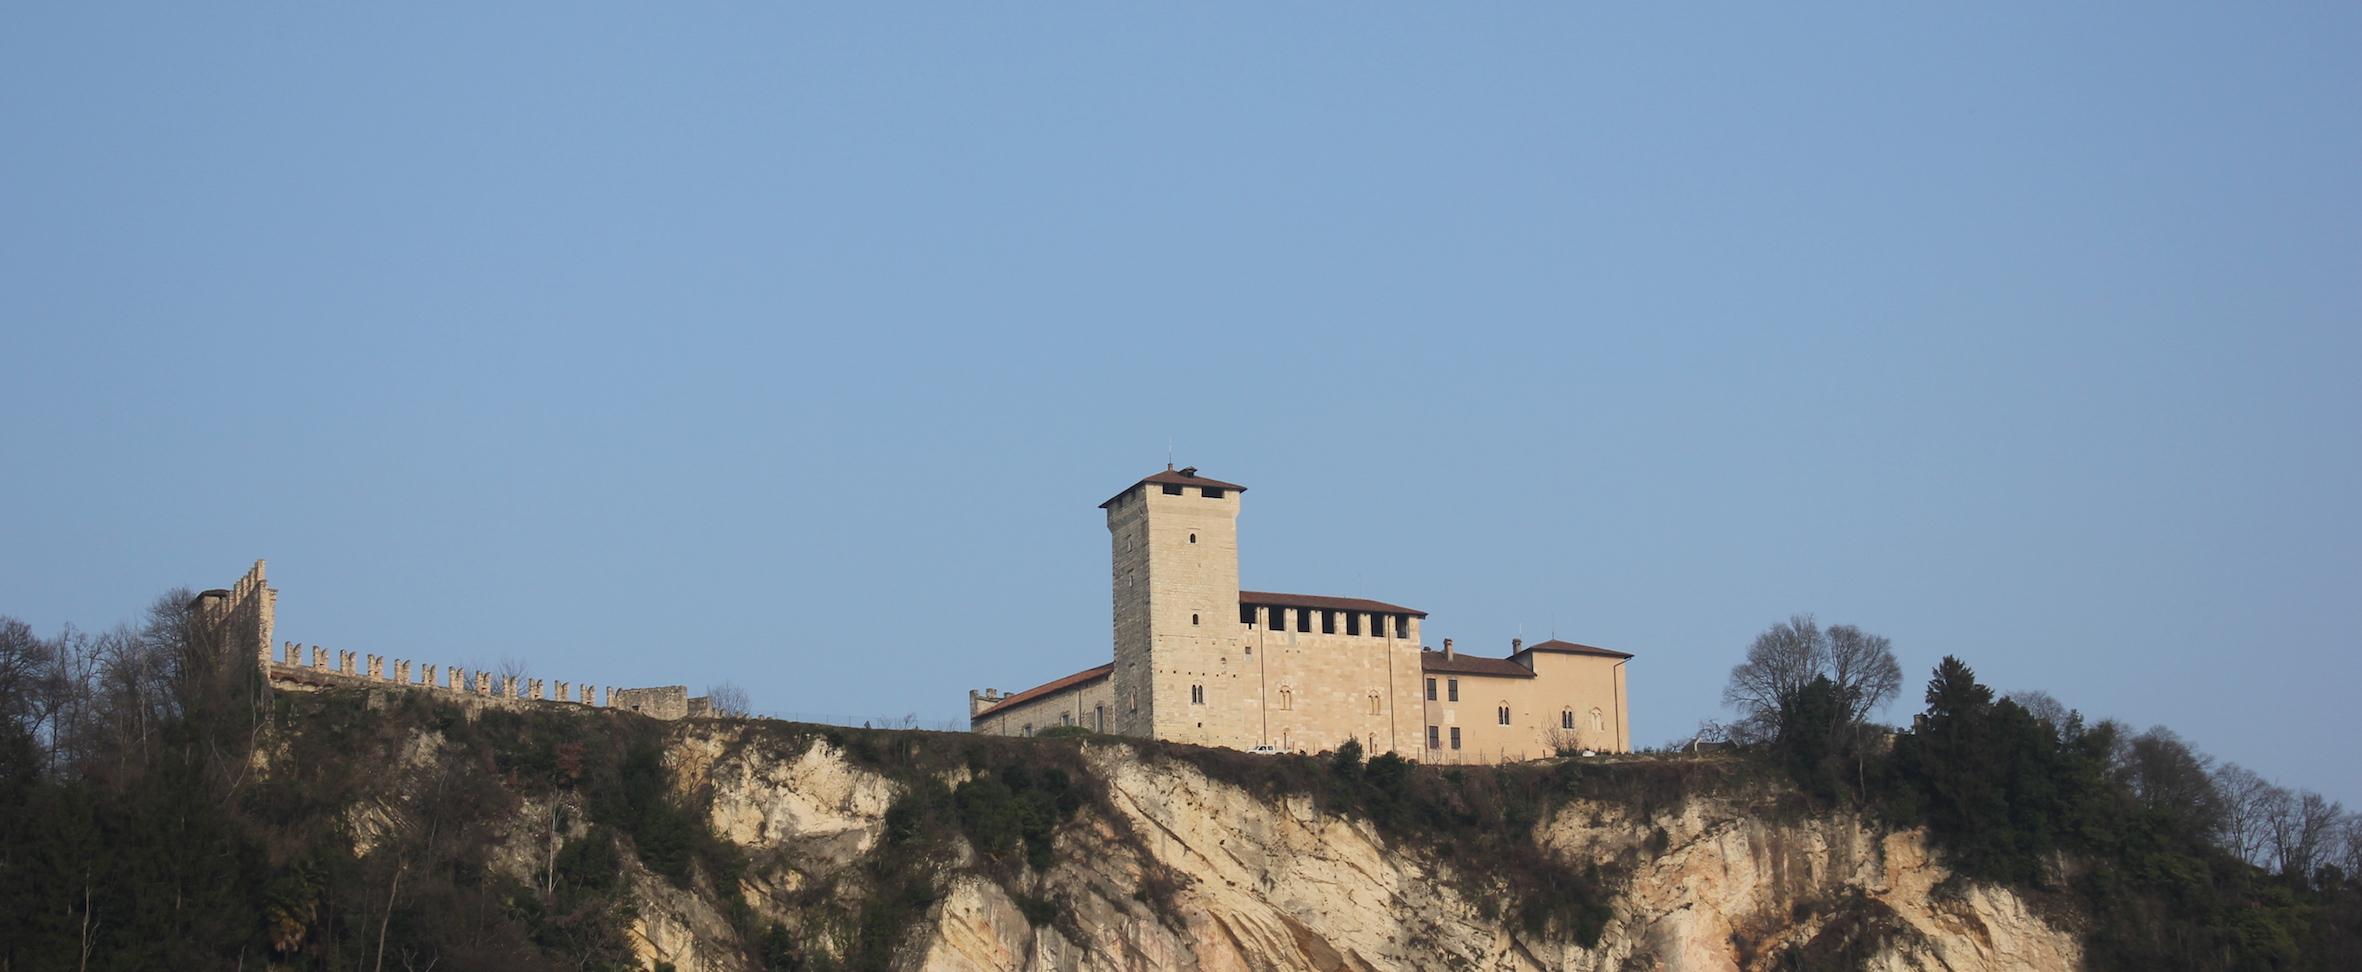 Cosa vedere sul lago Maggiore: la Rocca di Angera